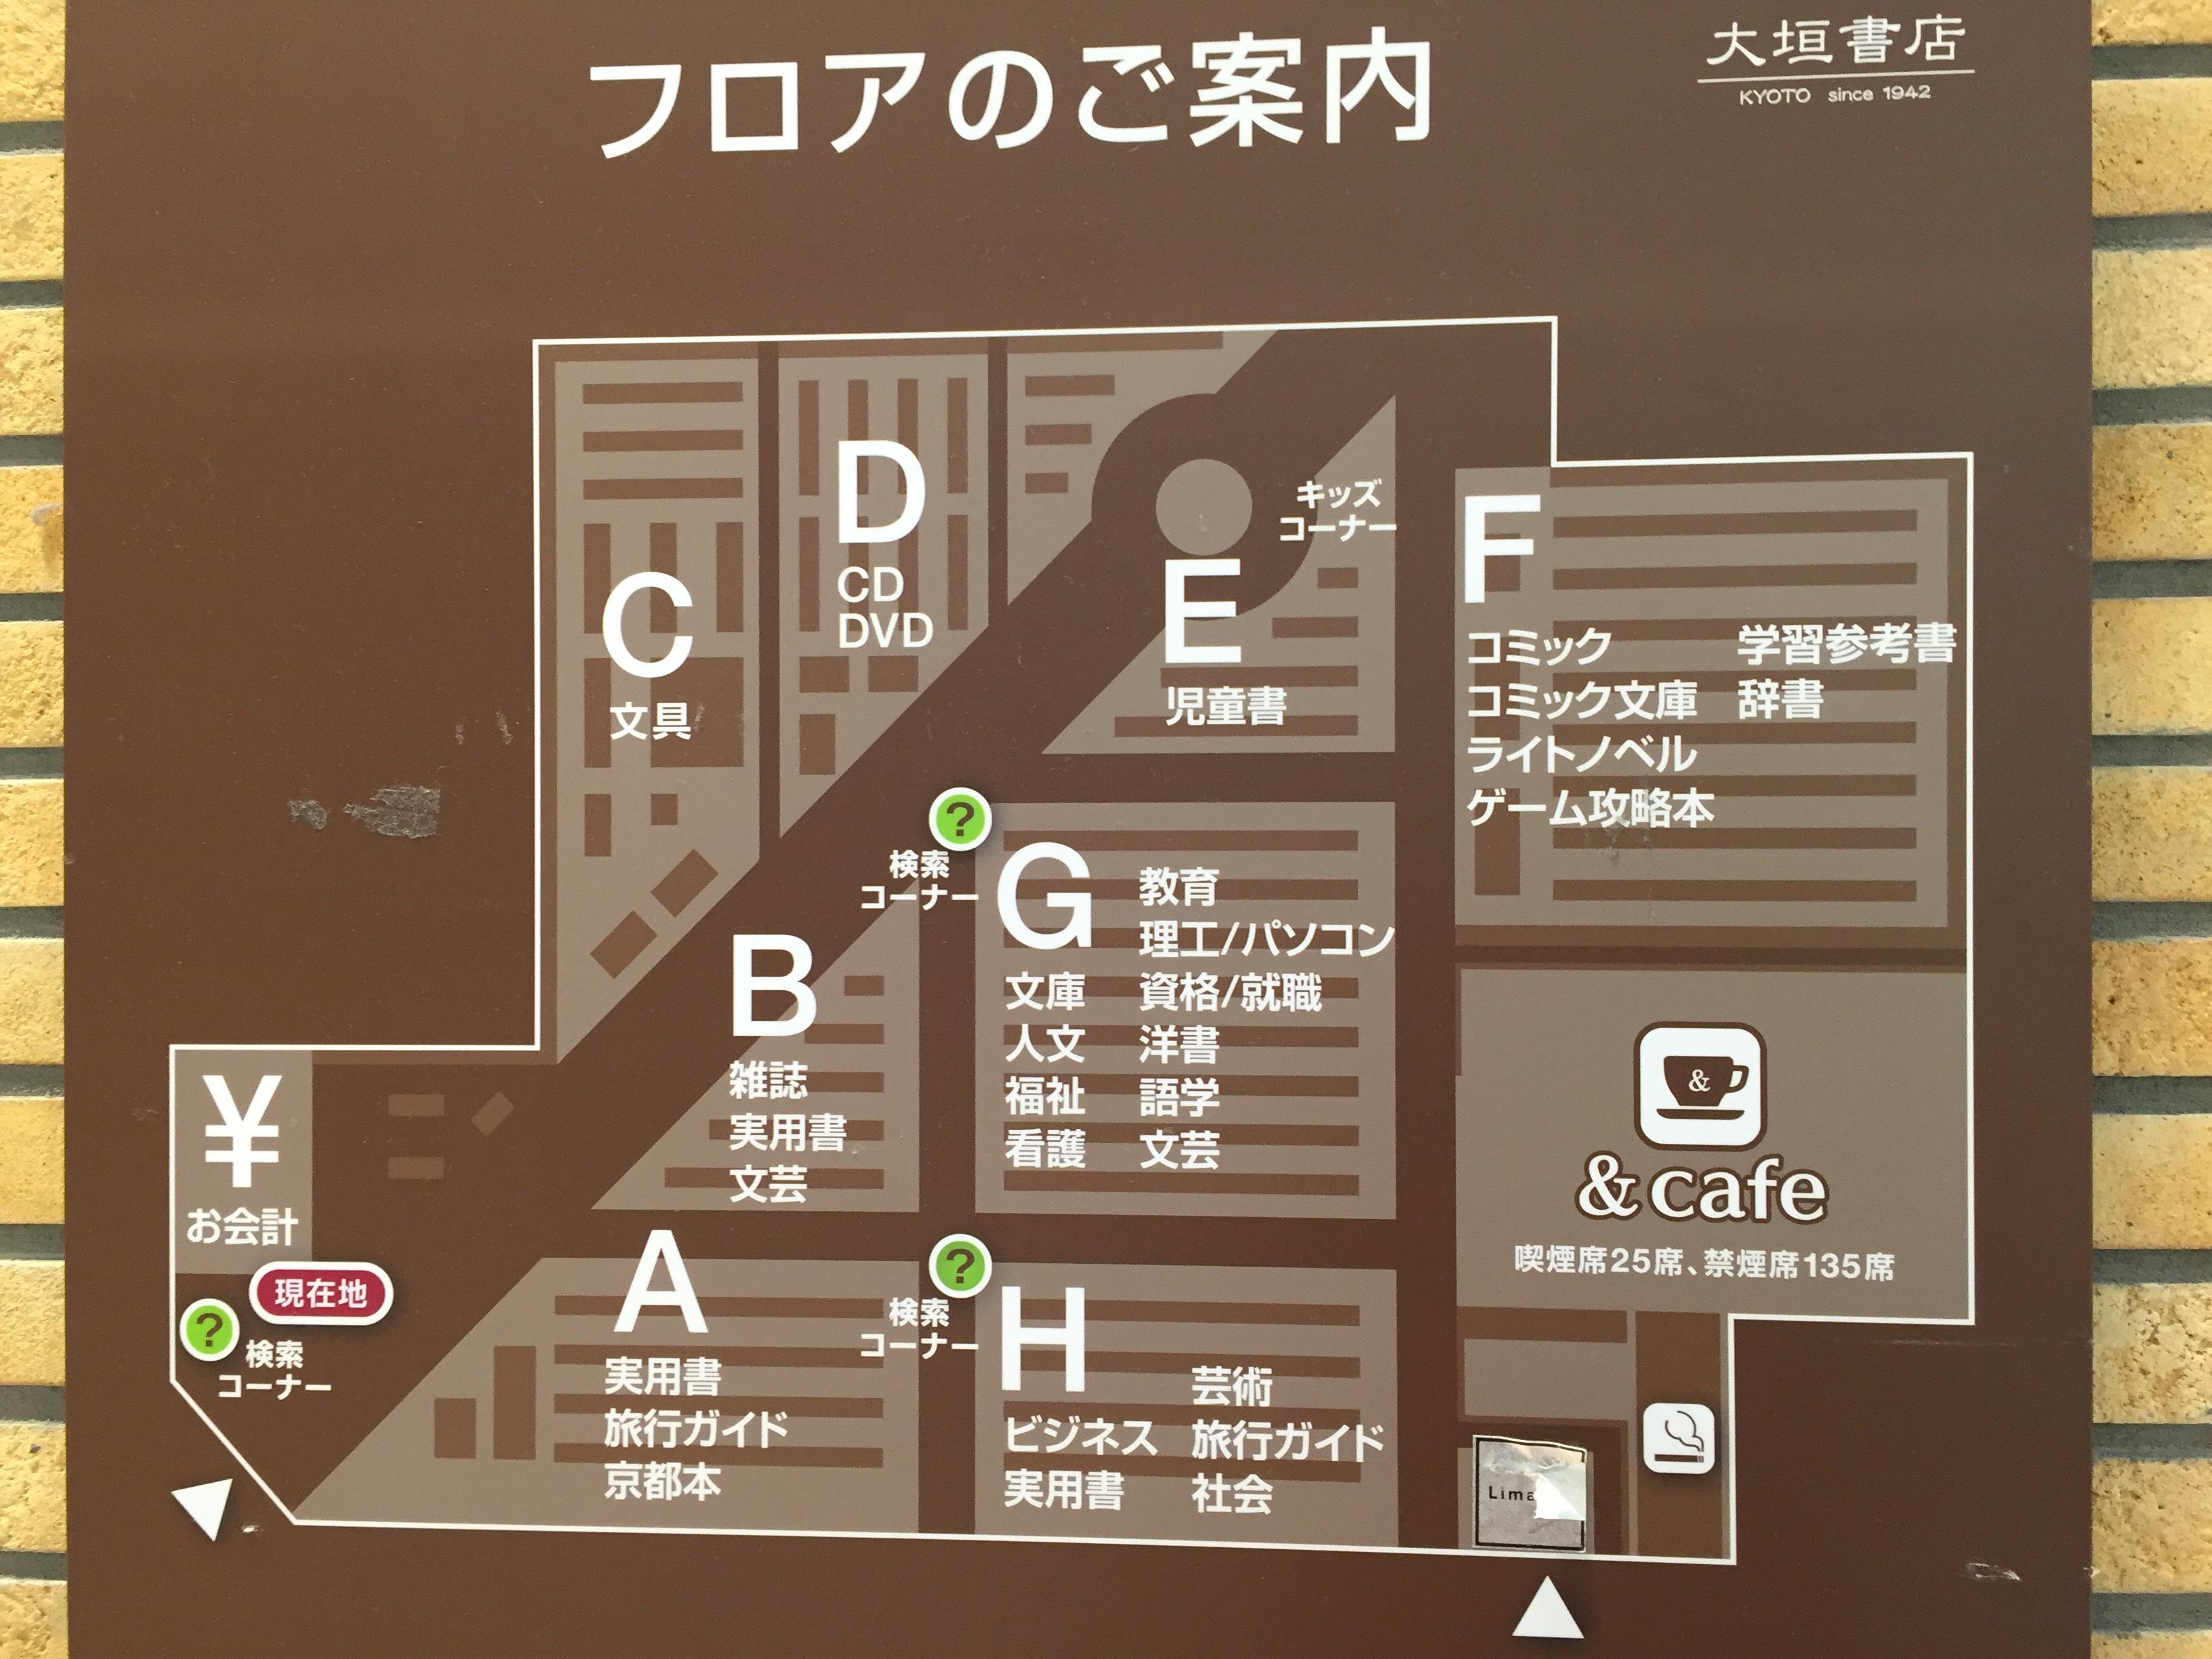 イオンモール京都桂川 大垣書店